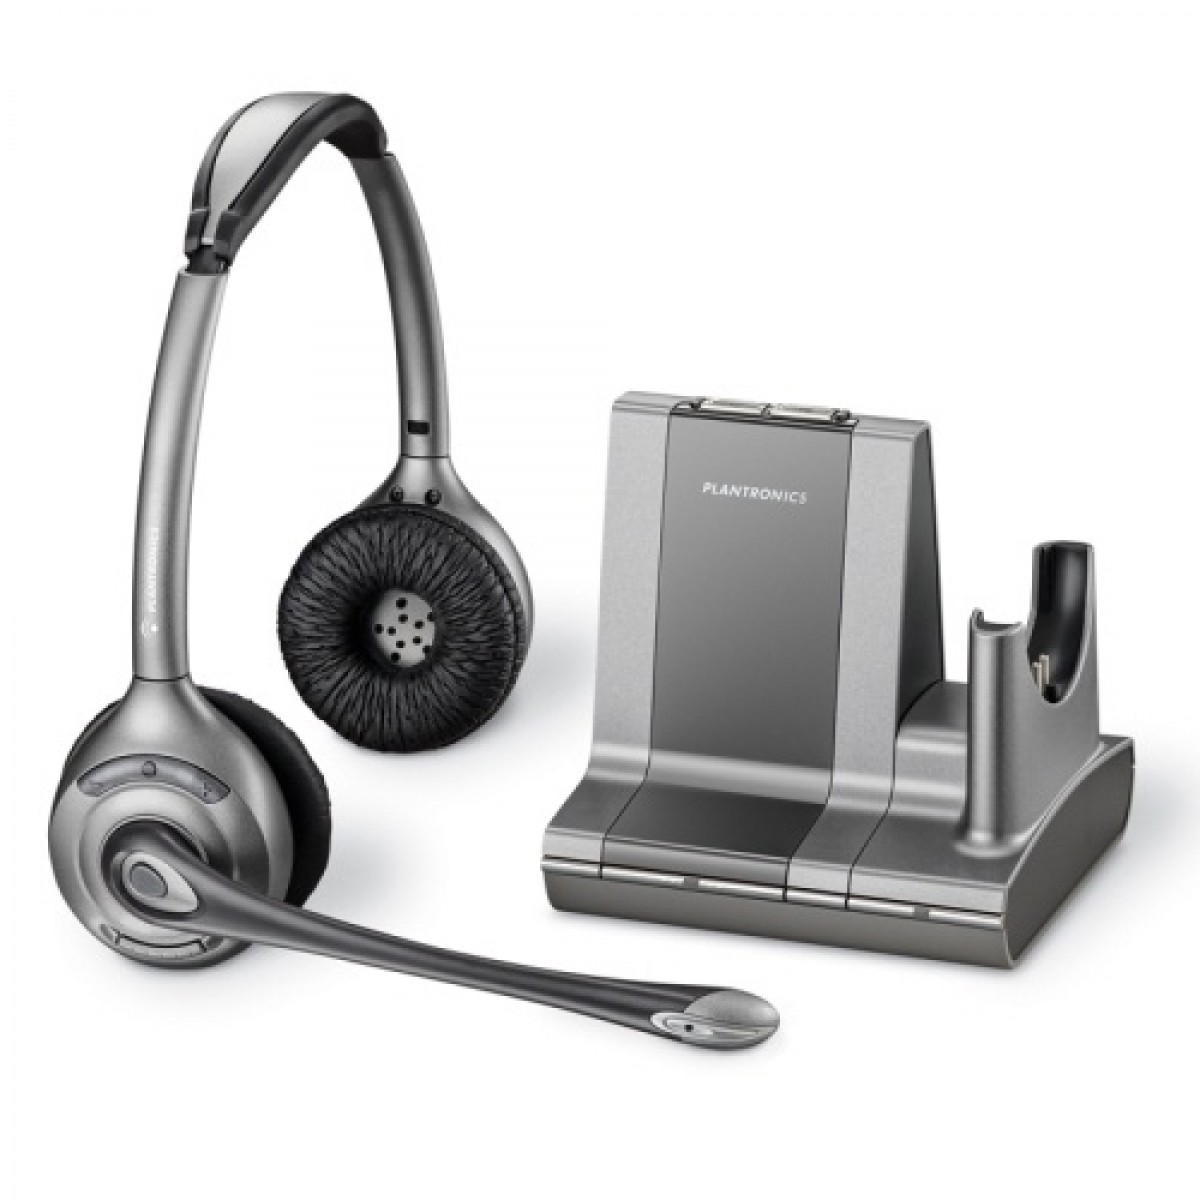 Tai nghe DECT không dây Plantronics W8220 hỗ trợ kết nối không dây và sóng DECT - hàng chính hãng